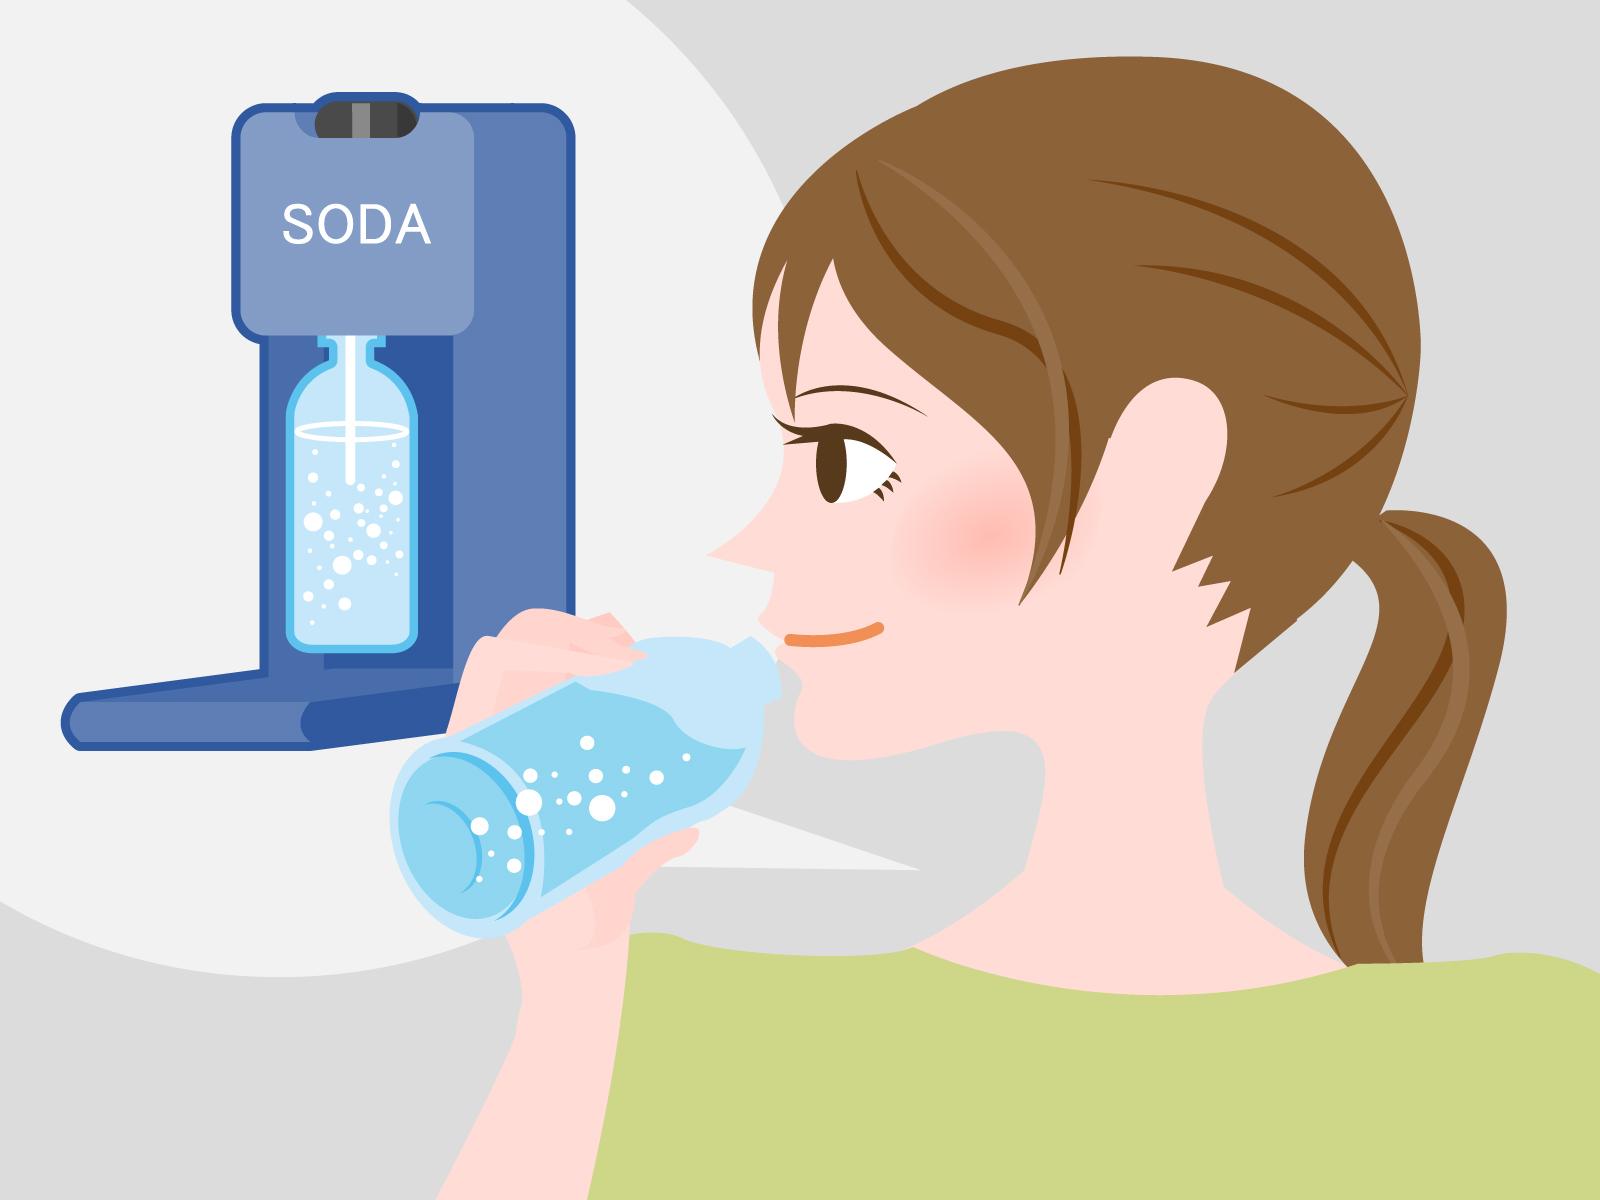 【炭酸水を飲み過ぎるとどうなる?】腹痛・胃痛・下痢などの影響が!?飲み過ぎ量も紹介